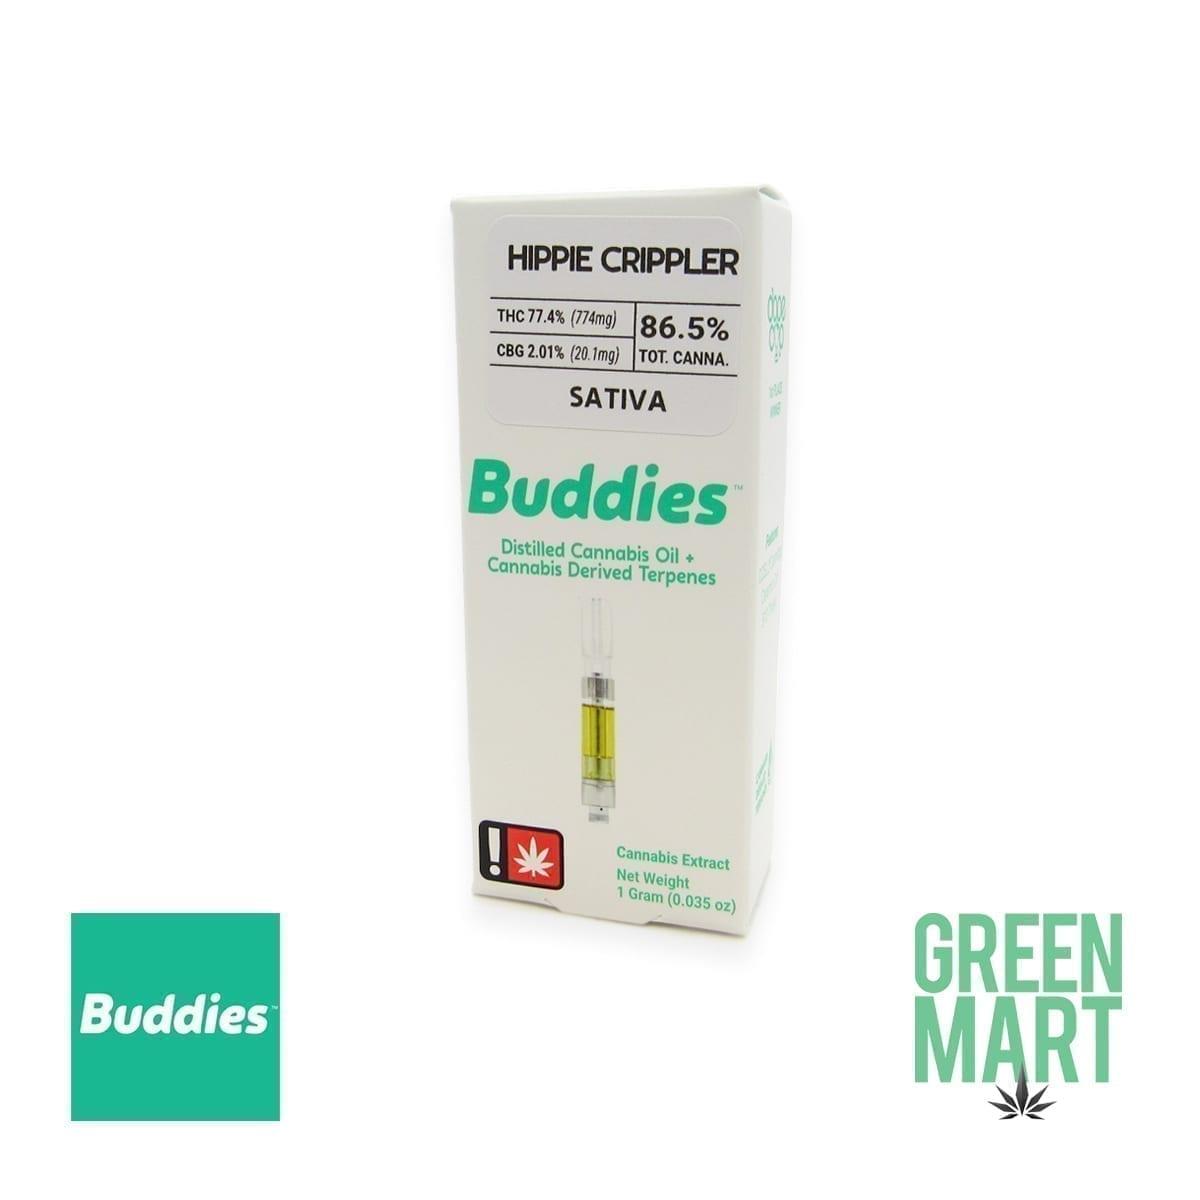 Buddies Brand Distillate Cartridge - Hippie Crippler